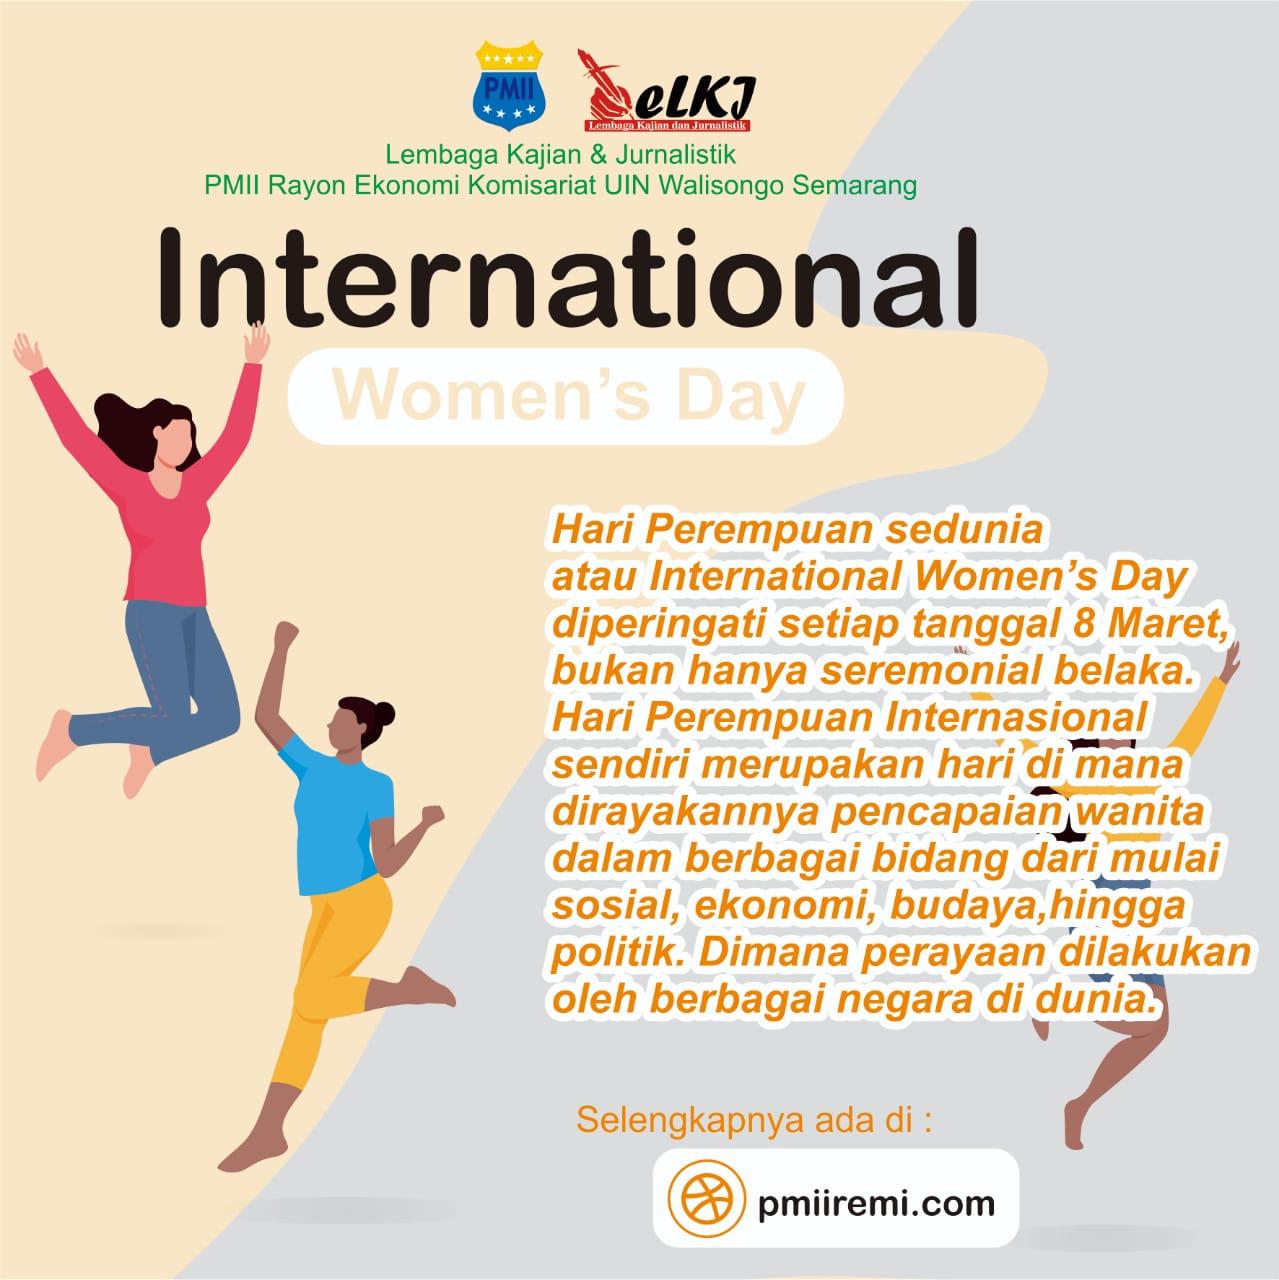 International Woman's Day: Menguatkan Perempuan Setara di Segala Bidang